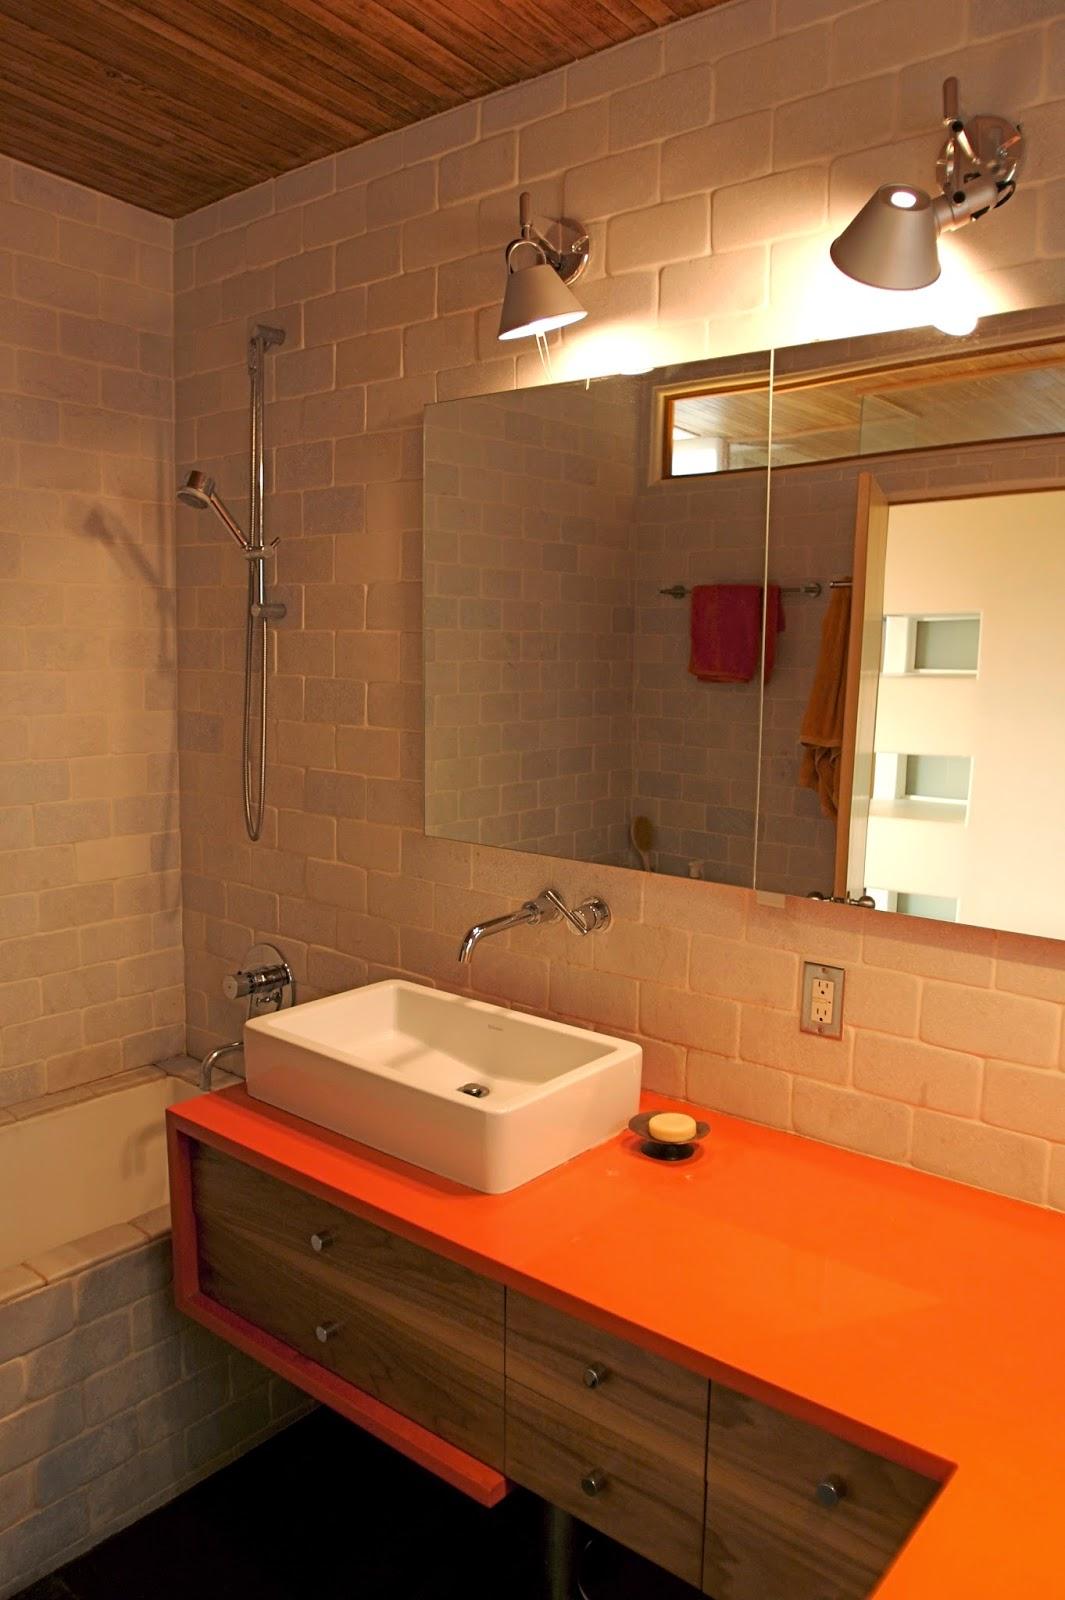 10  Ideias para Iluminar o Banheiro #CC6F00 1065 1600